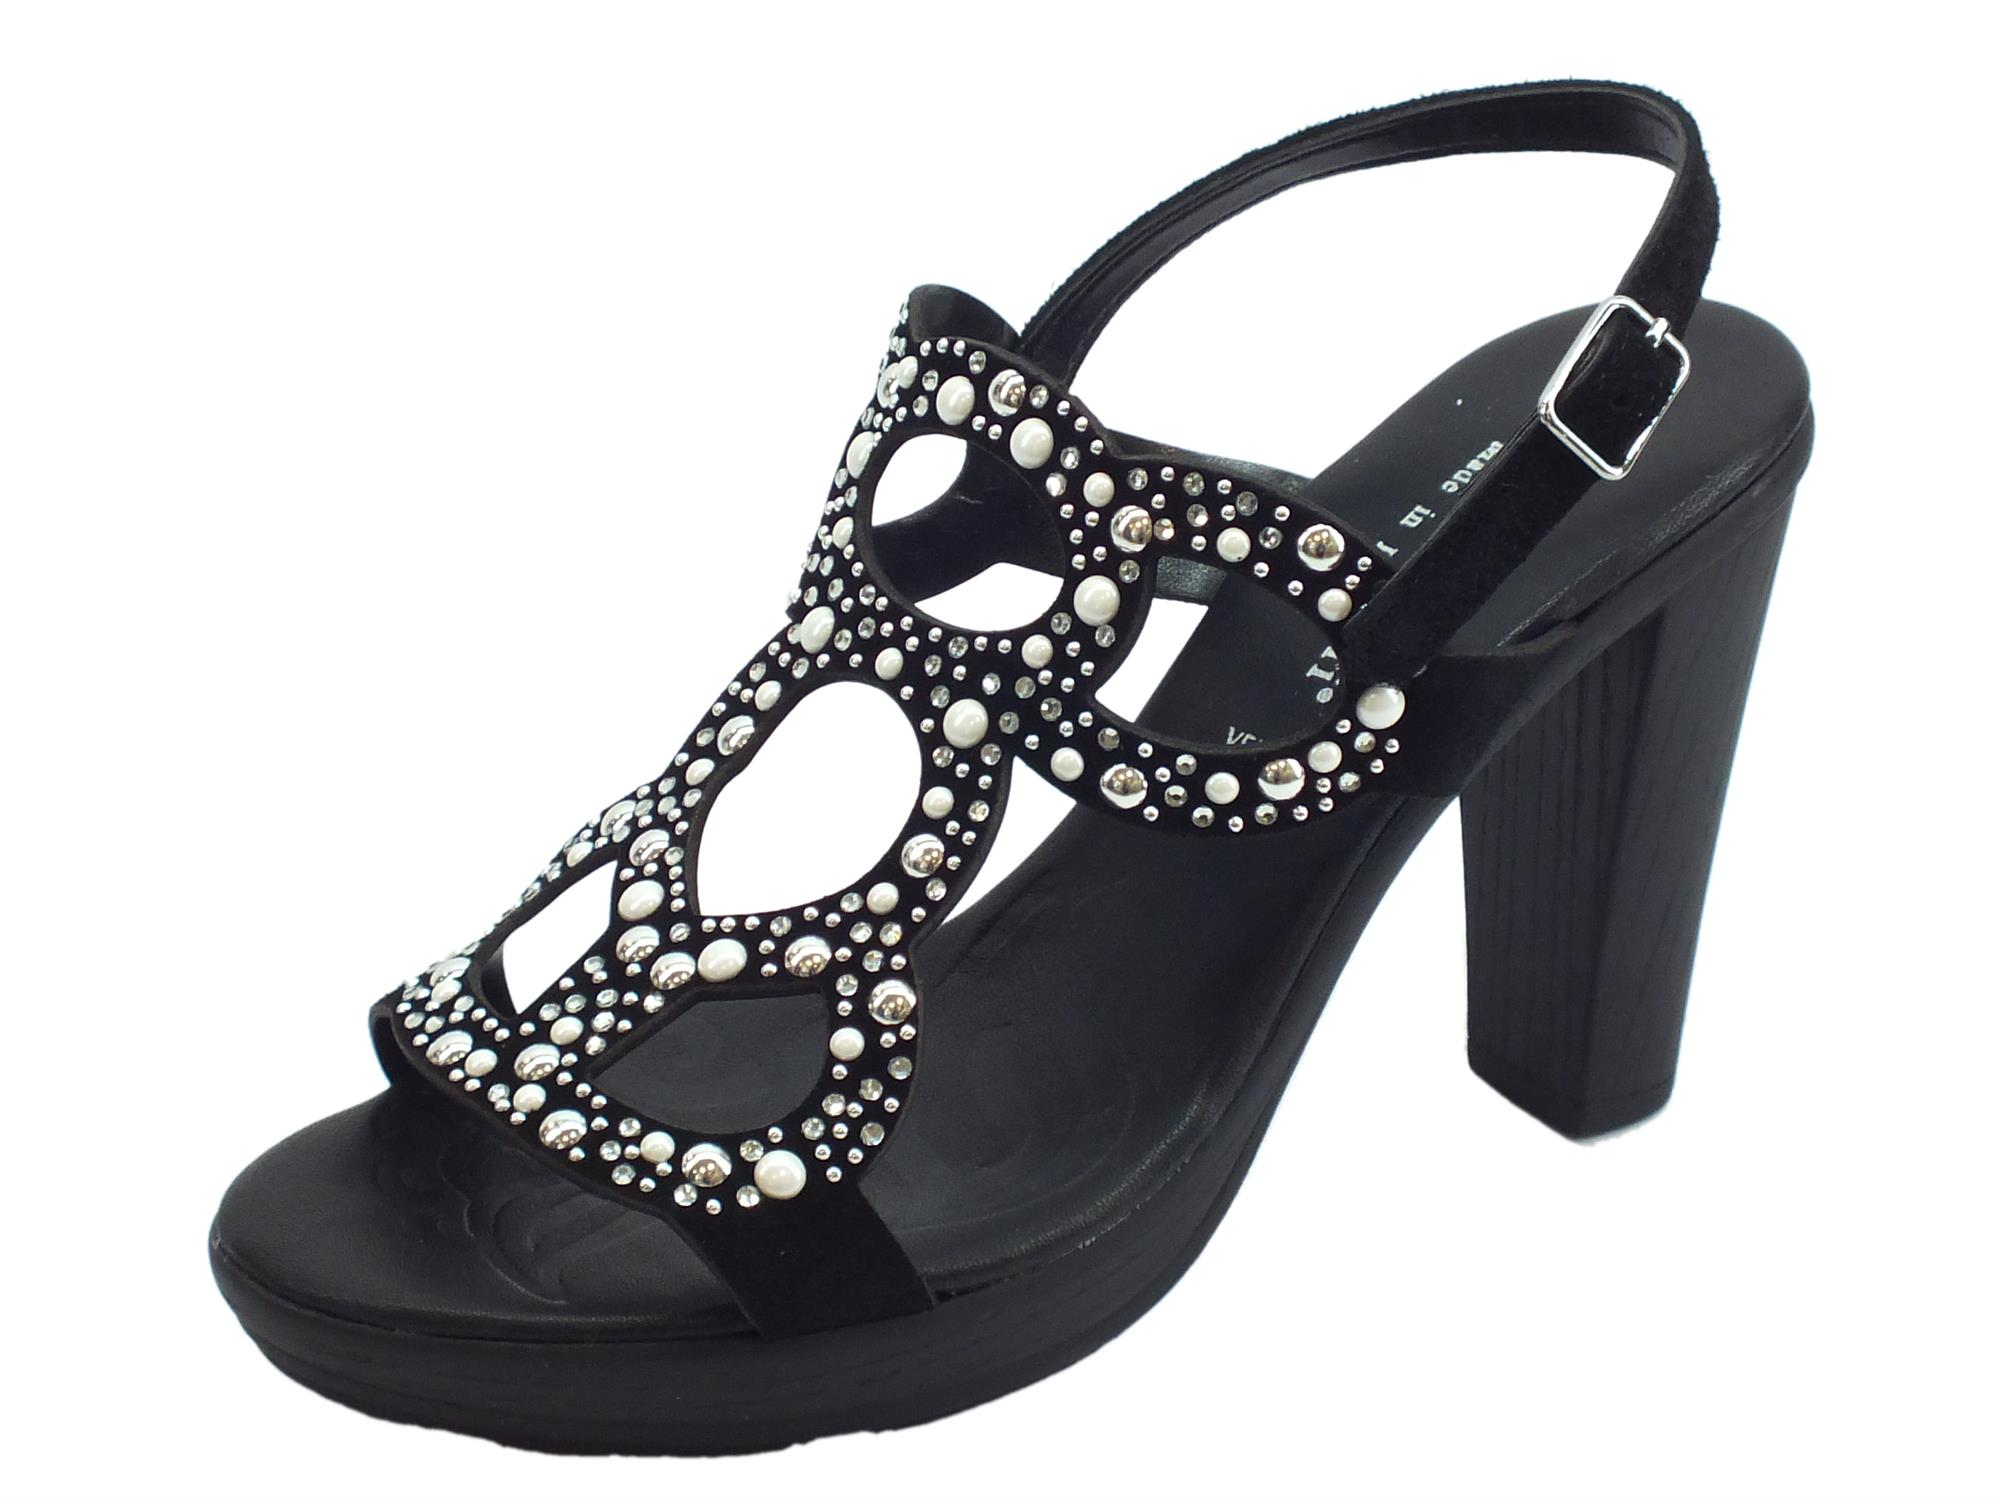 e9958e265 Sandali eleganti Mercante di Fiori in camoscio nero strass e borchiette bianche  tacco alto